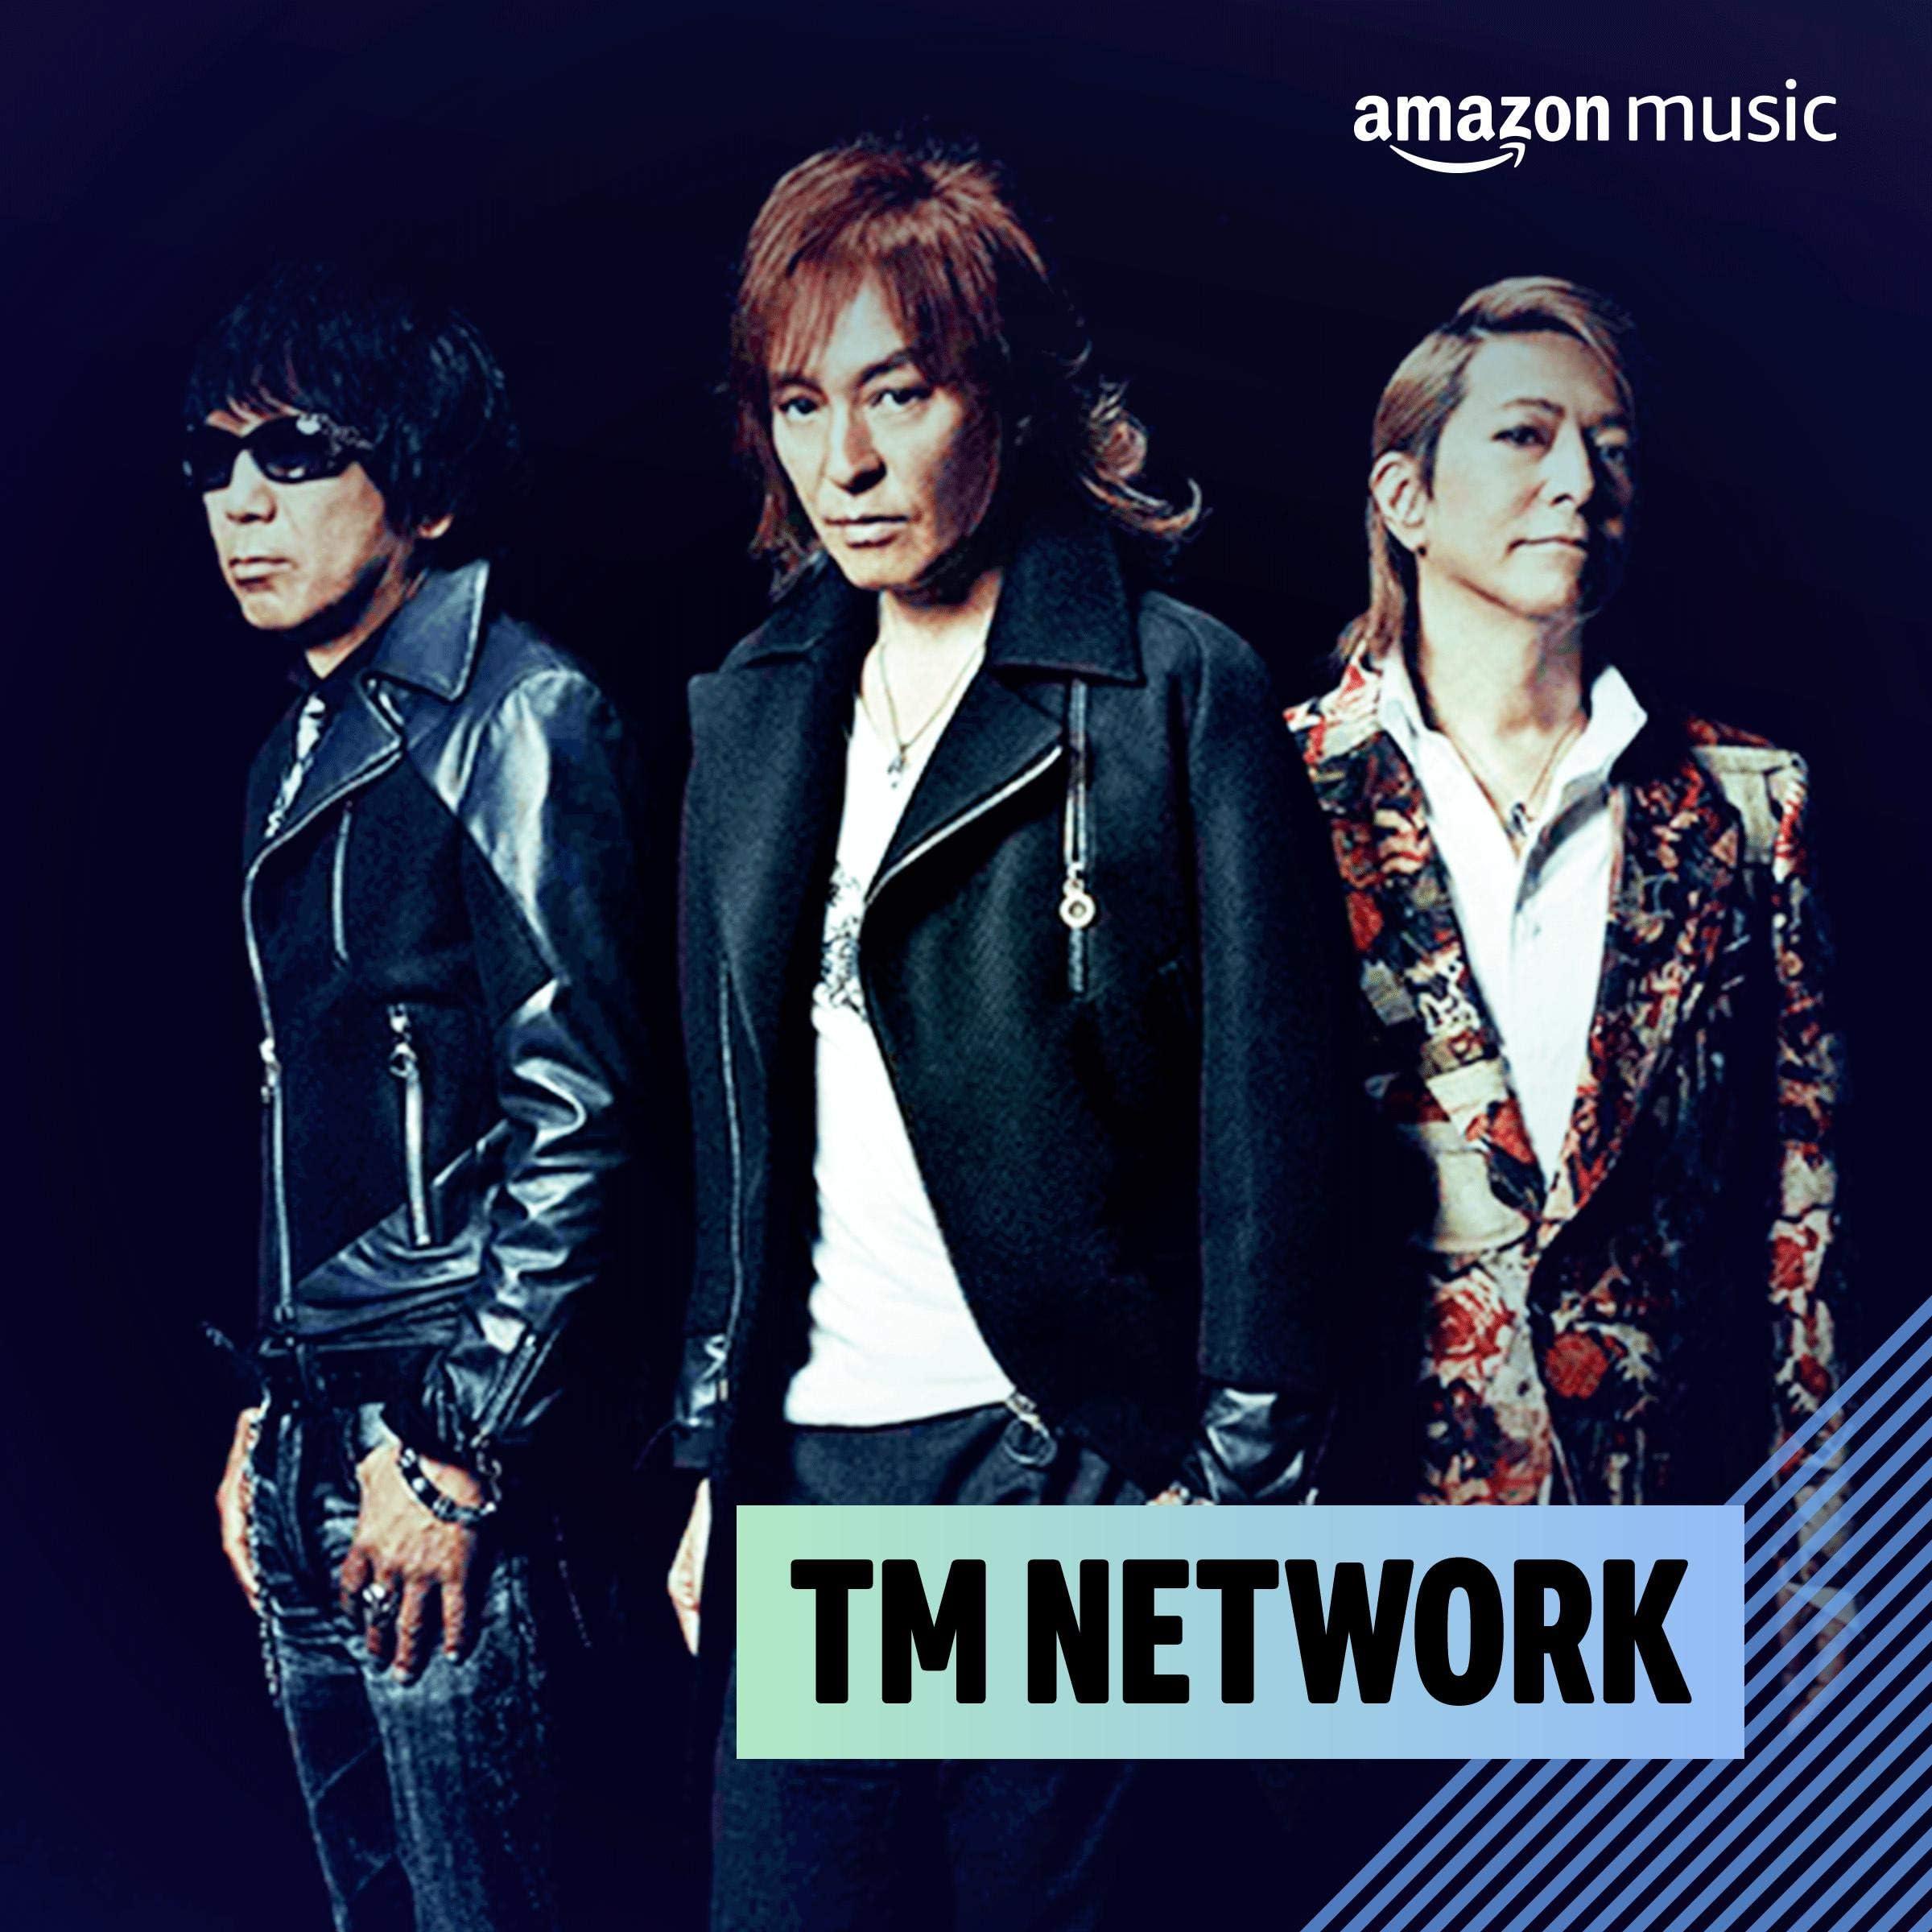 TM NETWORKを聴いているお客様におすすめ